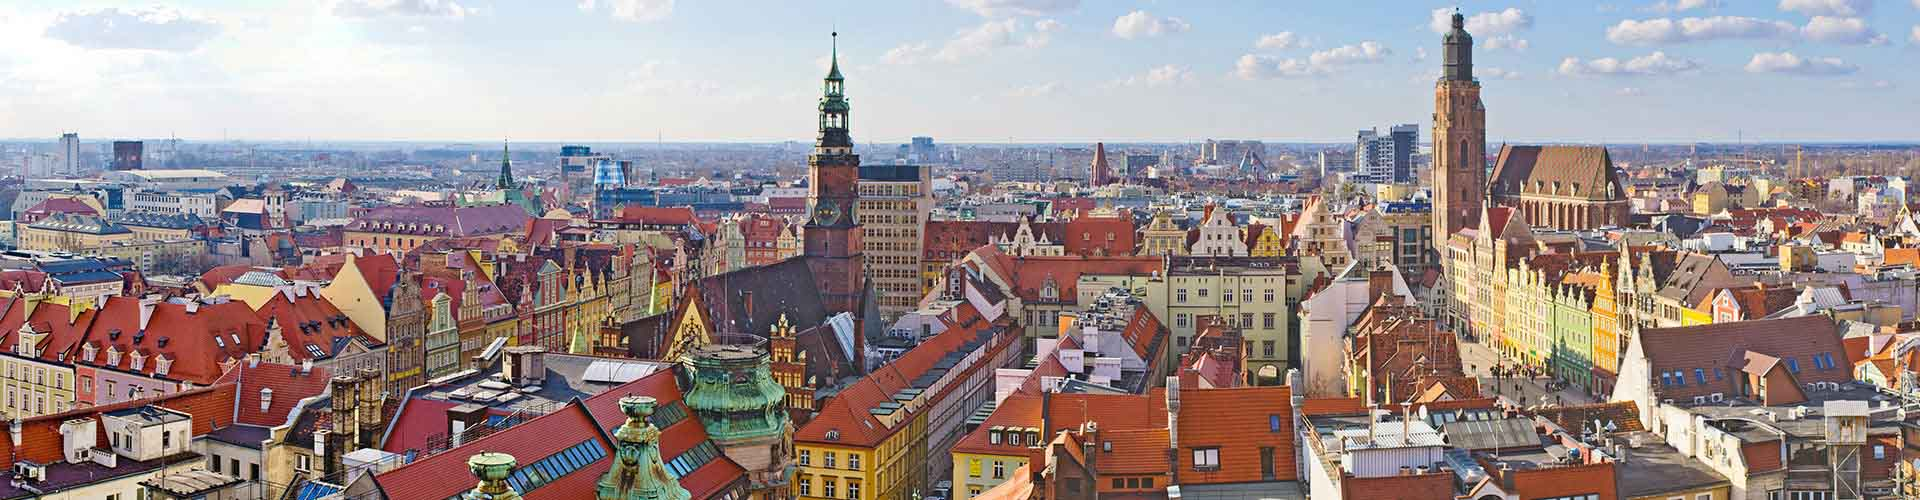 Wroclaw – Huoneistot kohteessa Wroclaw. Wroclaw -karttoja, valokuvia ja arvosteluja kaikista Wroclaw -huoneistoista.